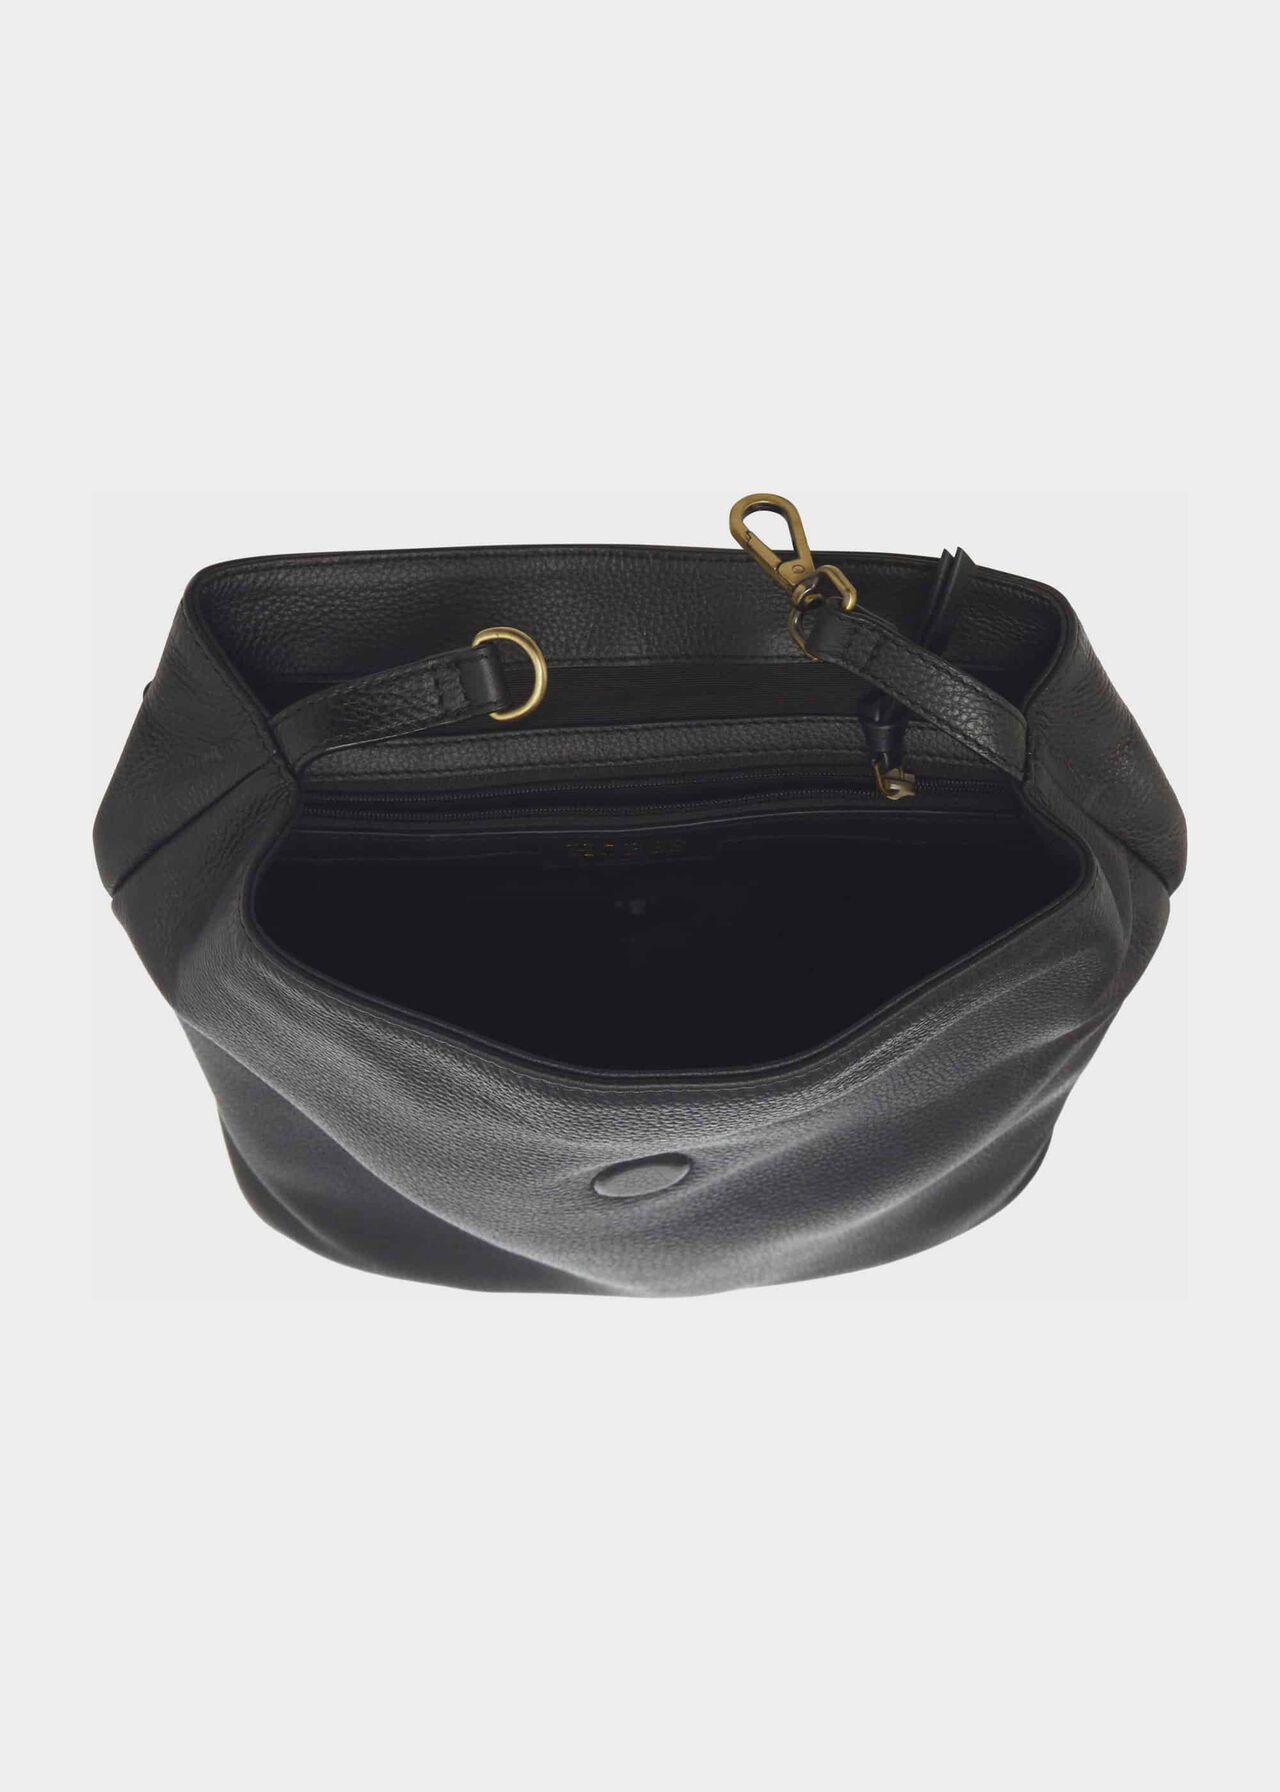 Leather Backpack, Black, hi-res